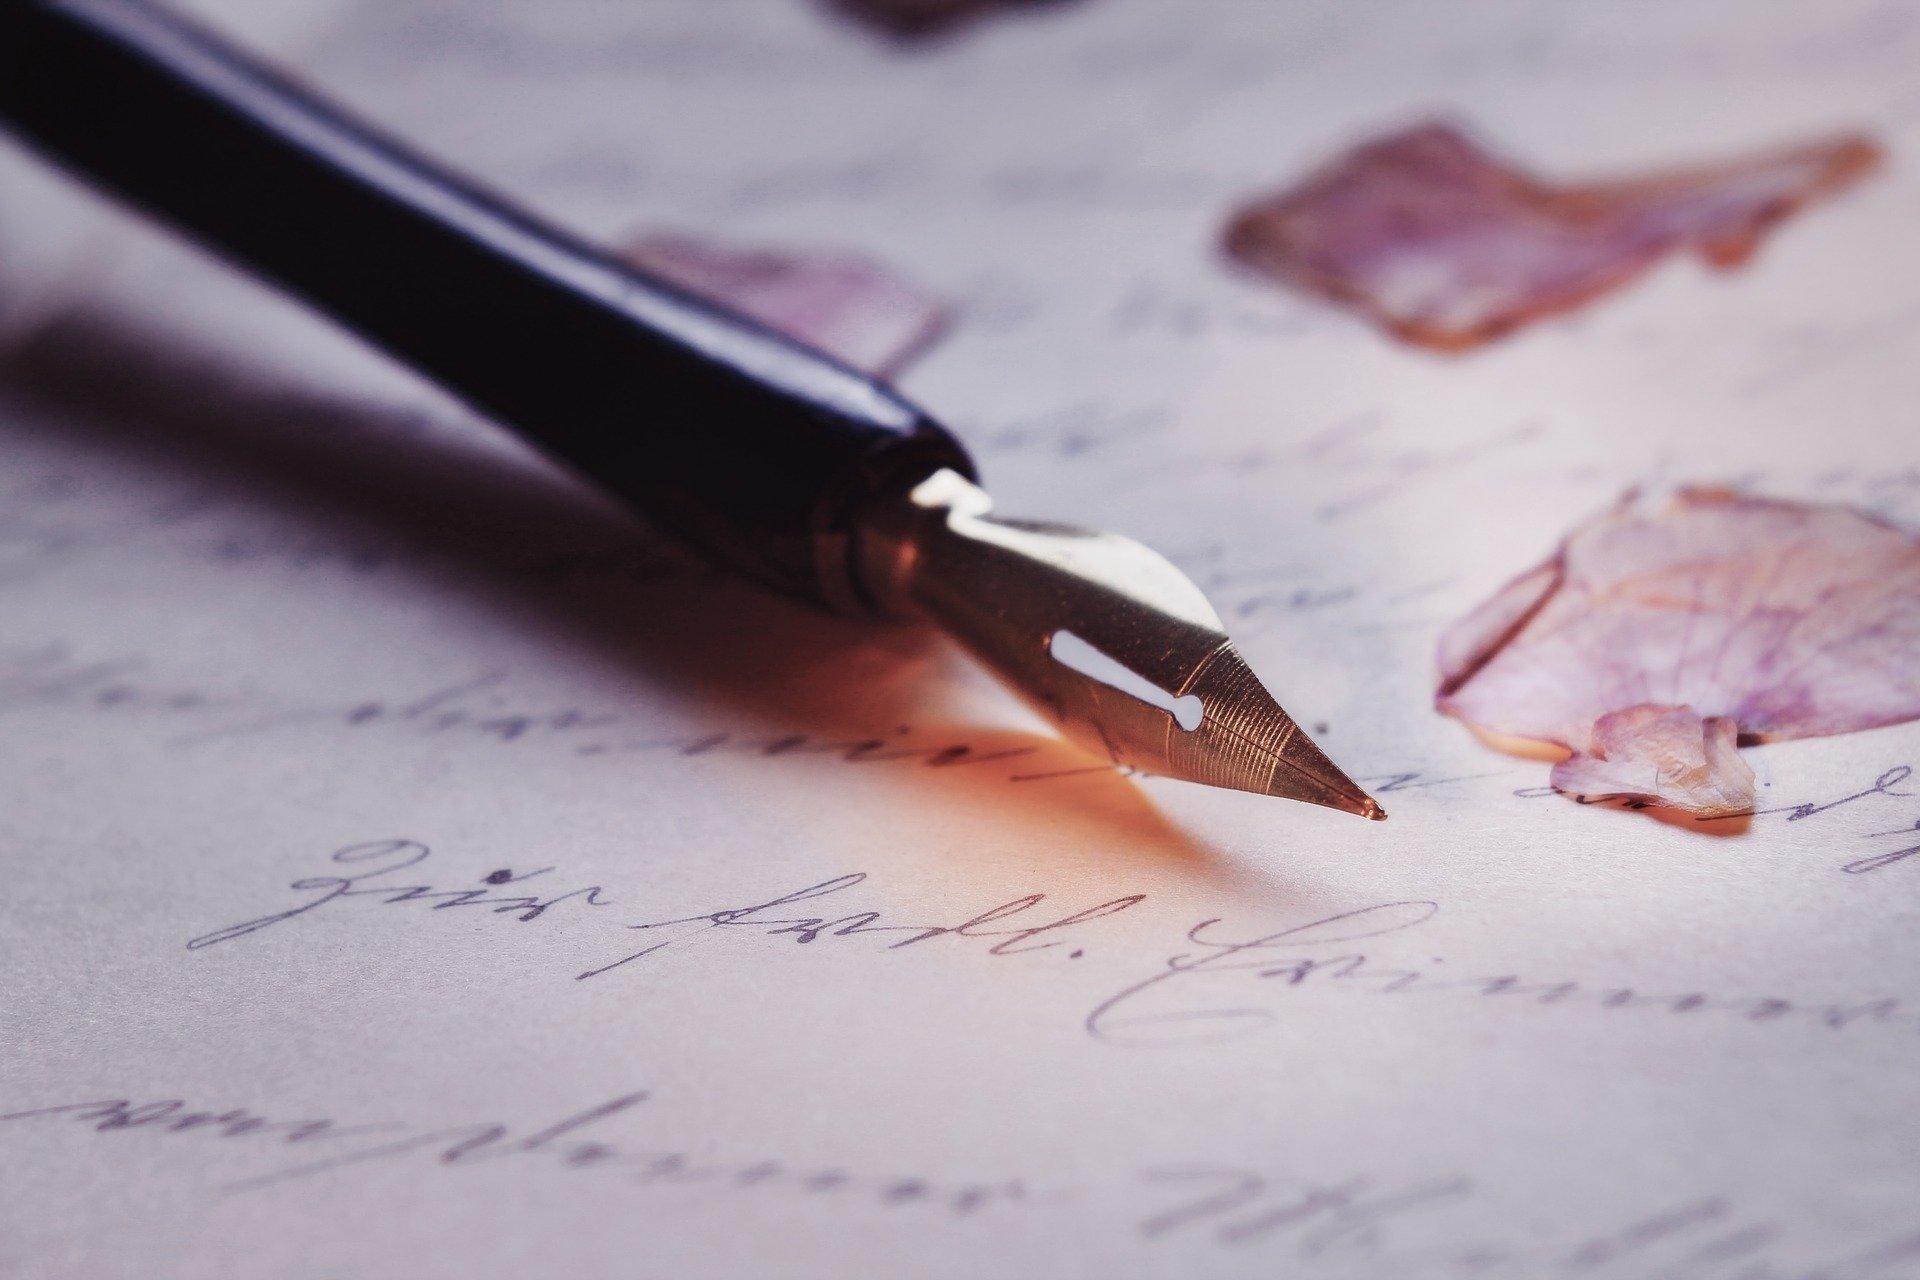 Magische Wörter Füllfederhalter auf beschriebenem Blatt